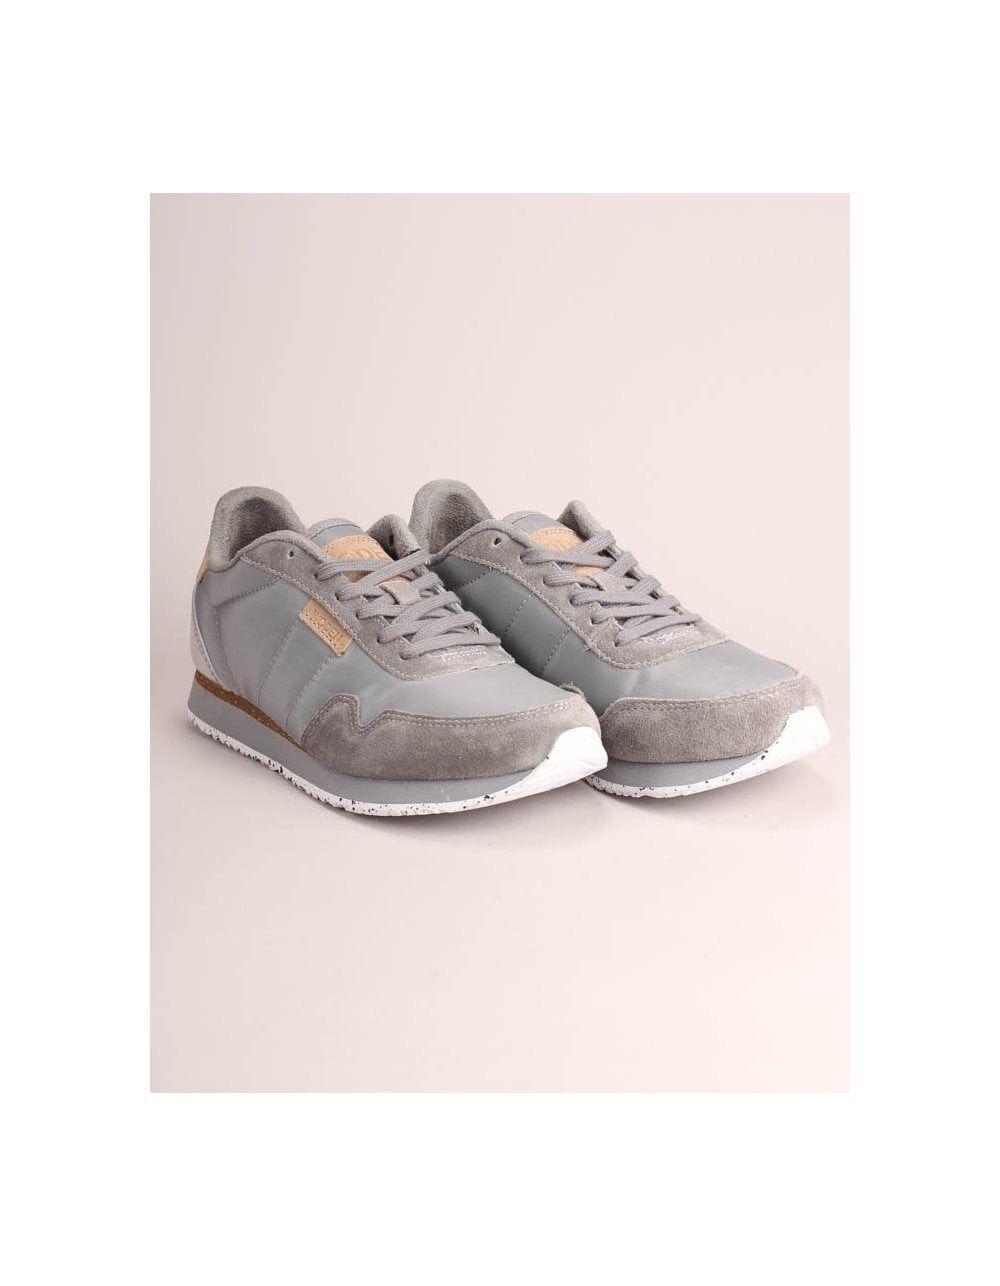 Buy Woden Nora 2 Grey Trainers online